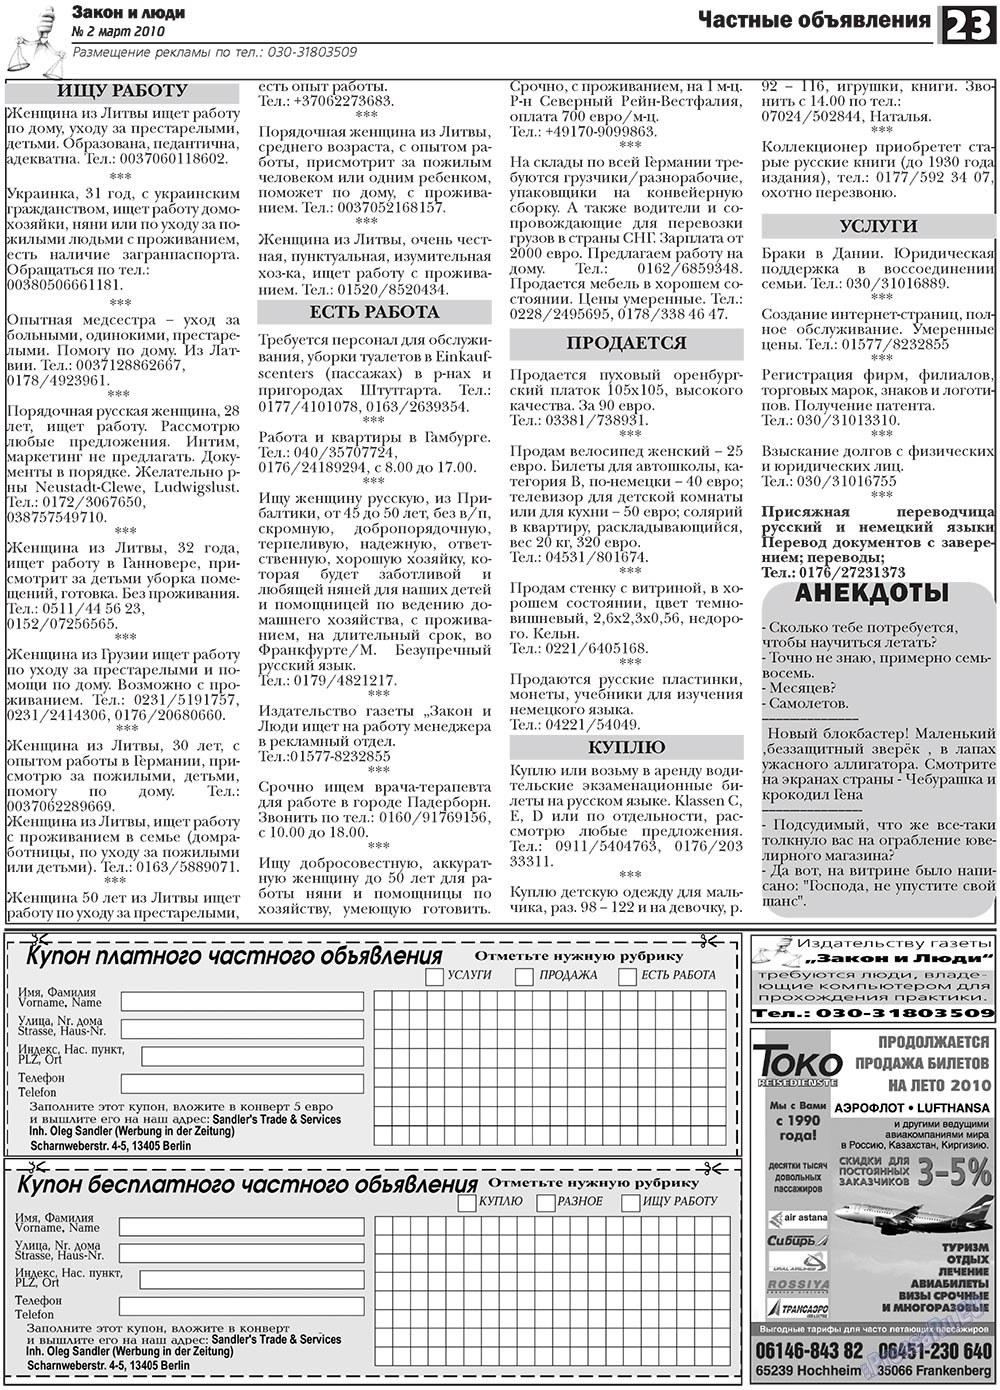 Закон и люди (газета). 2010 год, номер 2, стр. 23